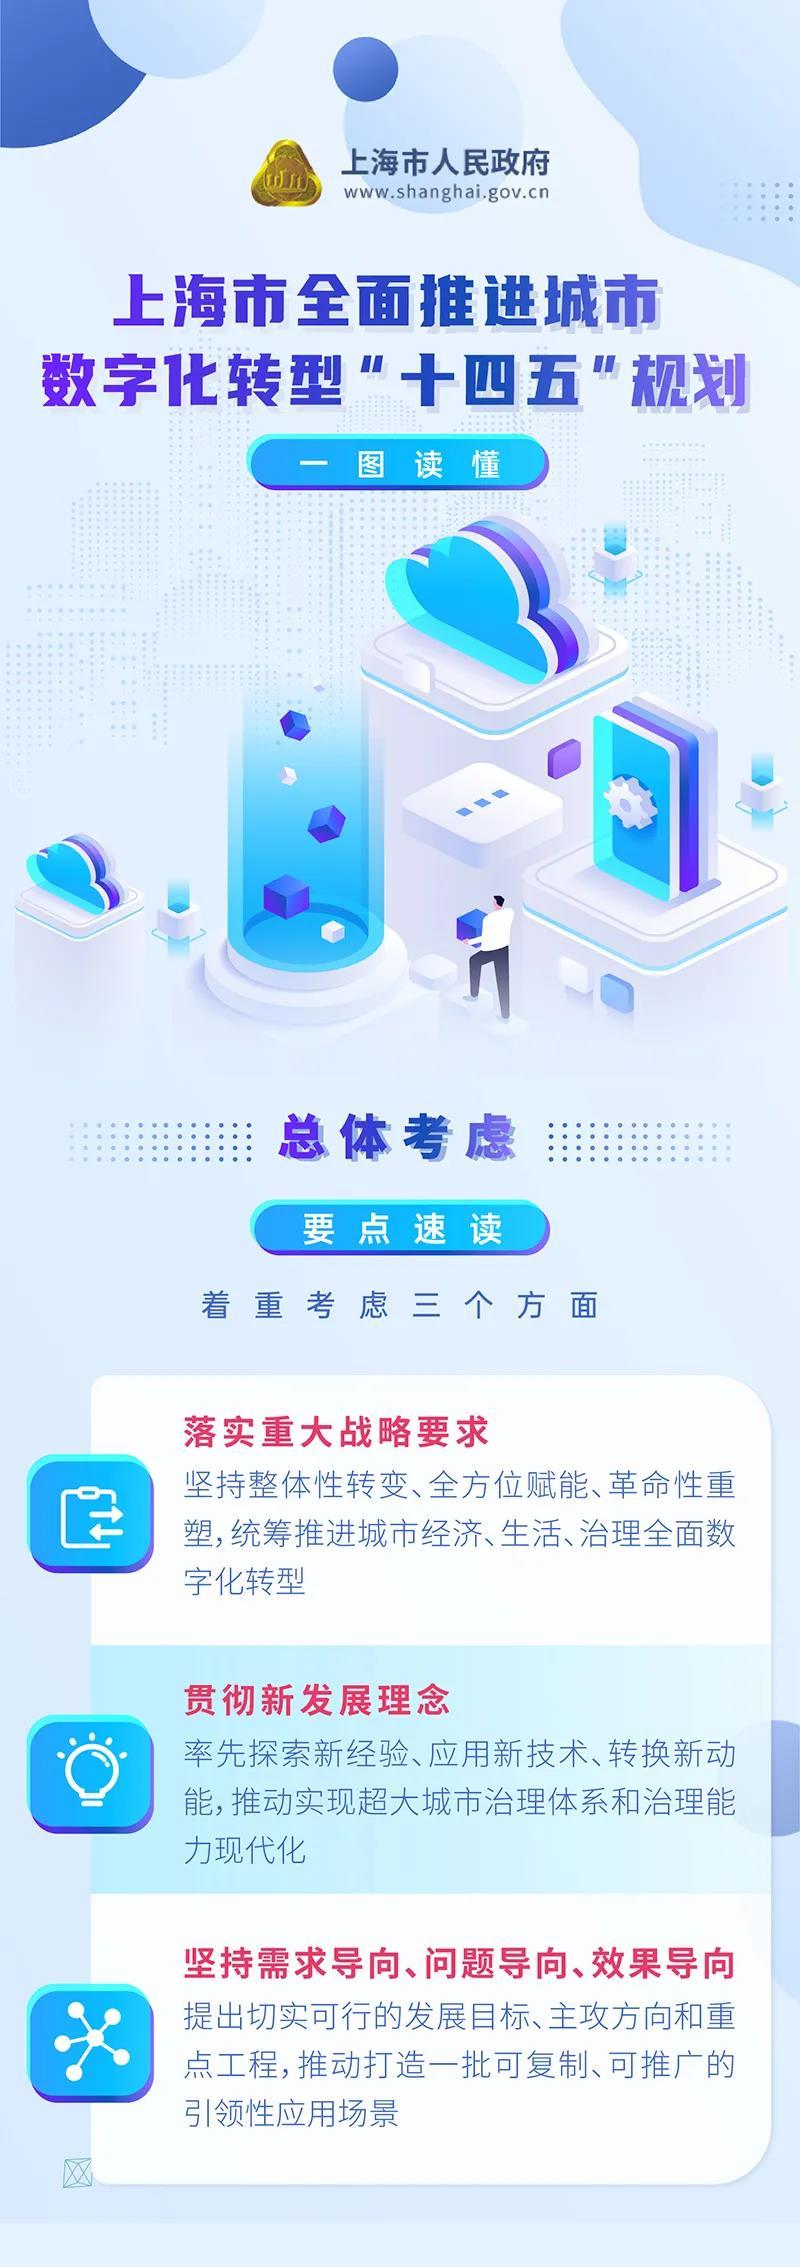 """上海全面推进城市数字化转型""""十四五""""规划出炉"""